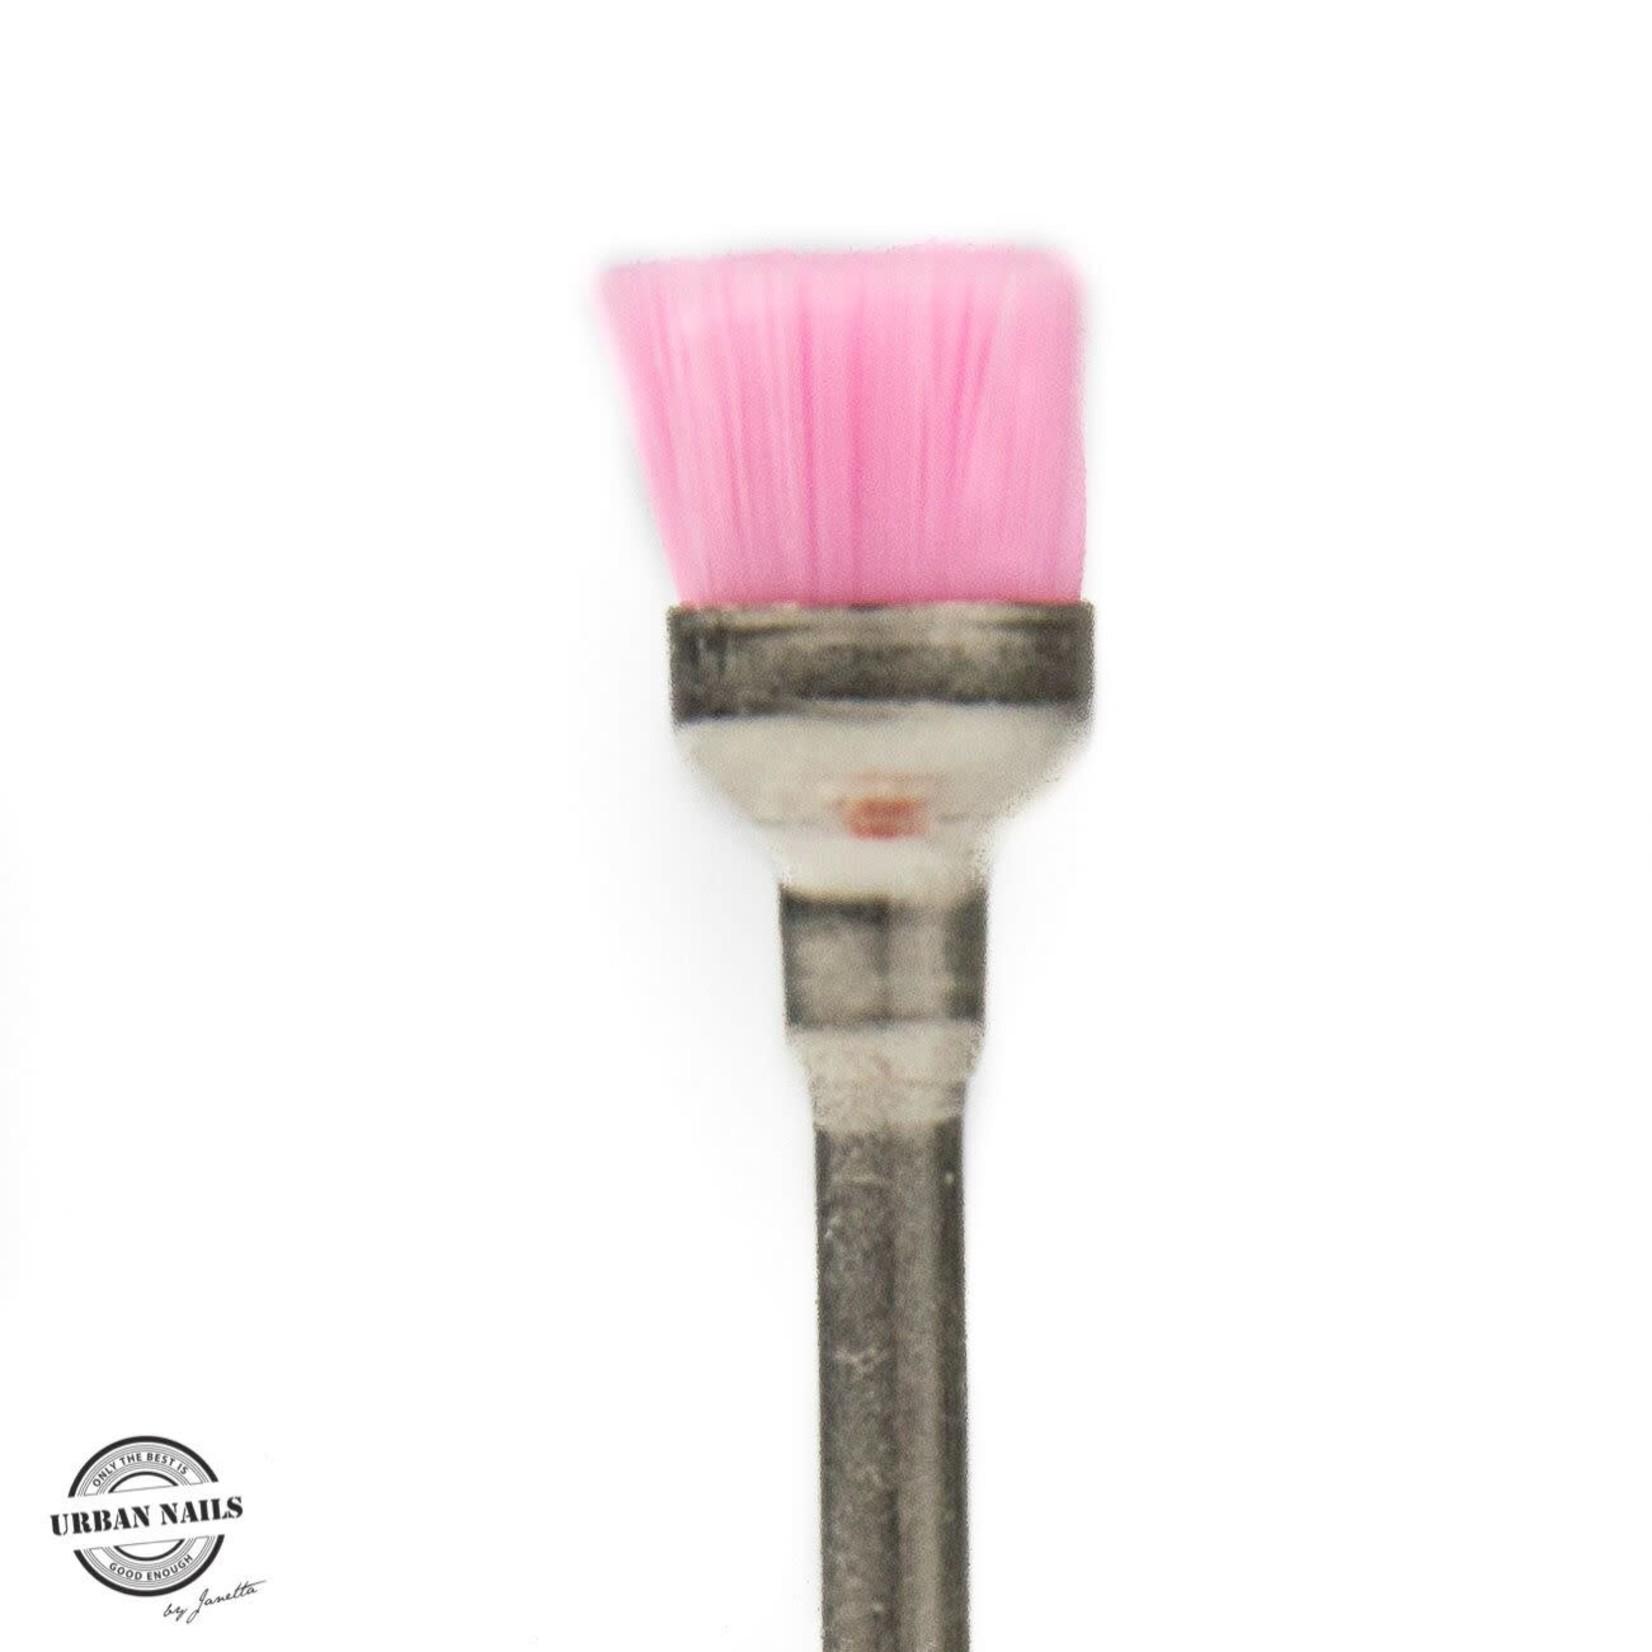 Urban Nails Cuticle Brush Pink